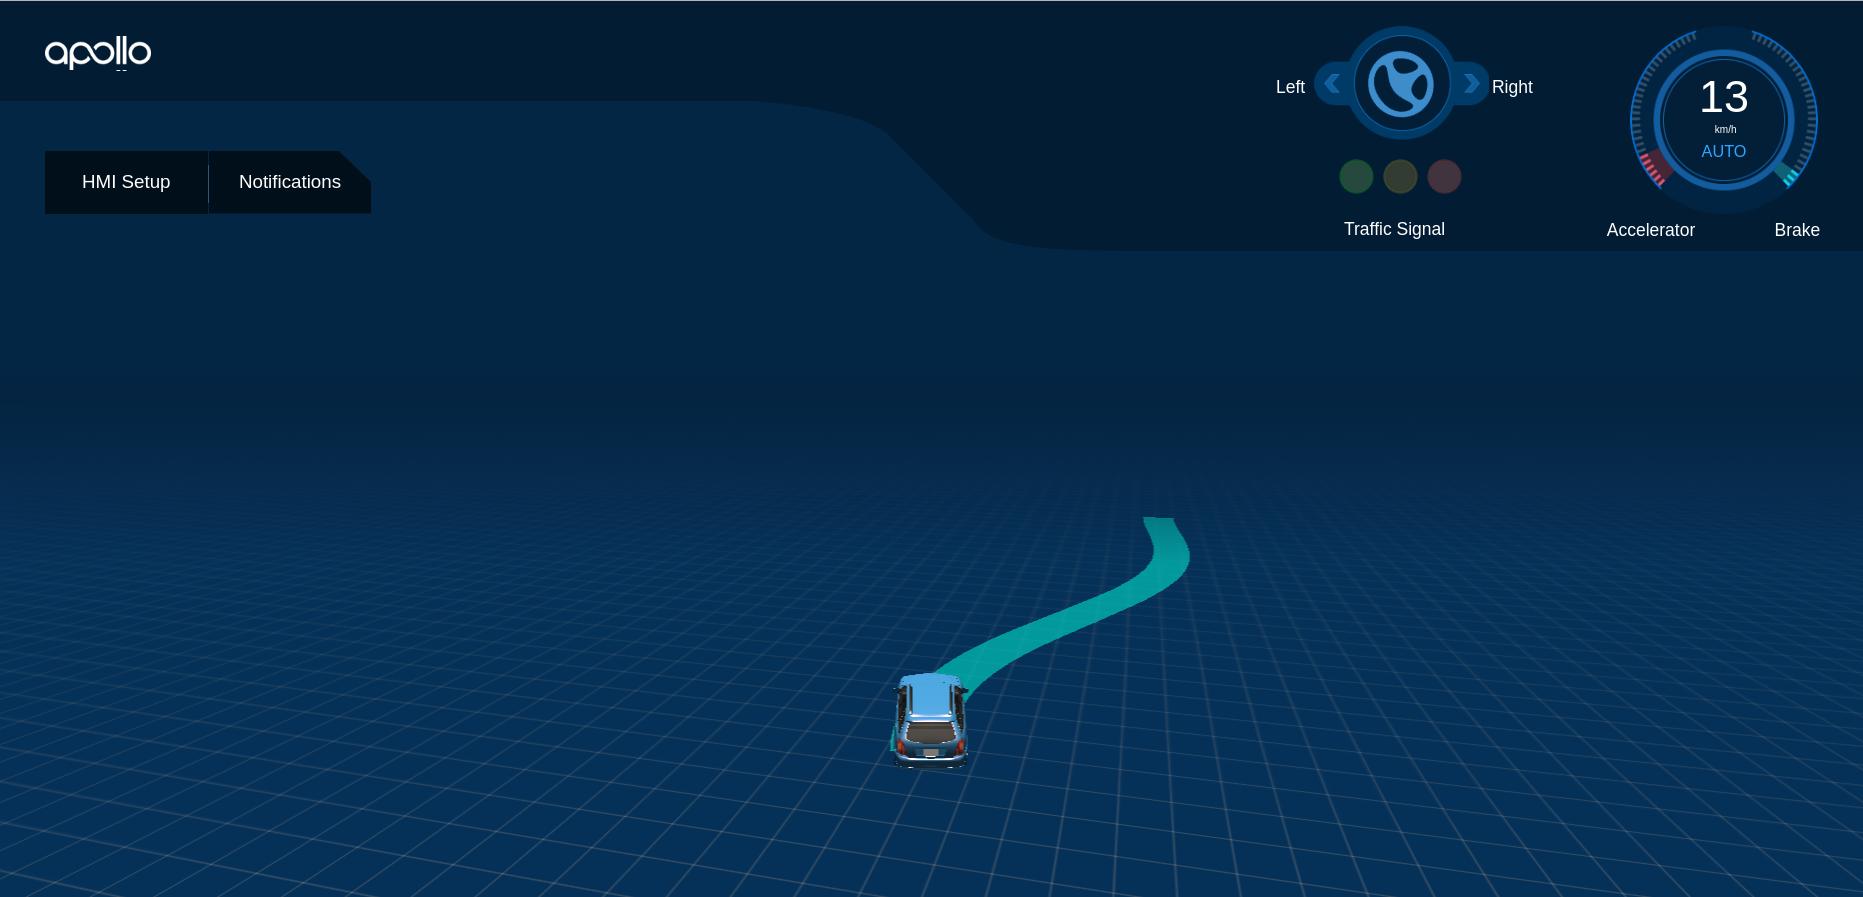 开源自动驾驶平台 ApolloAuto